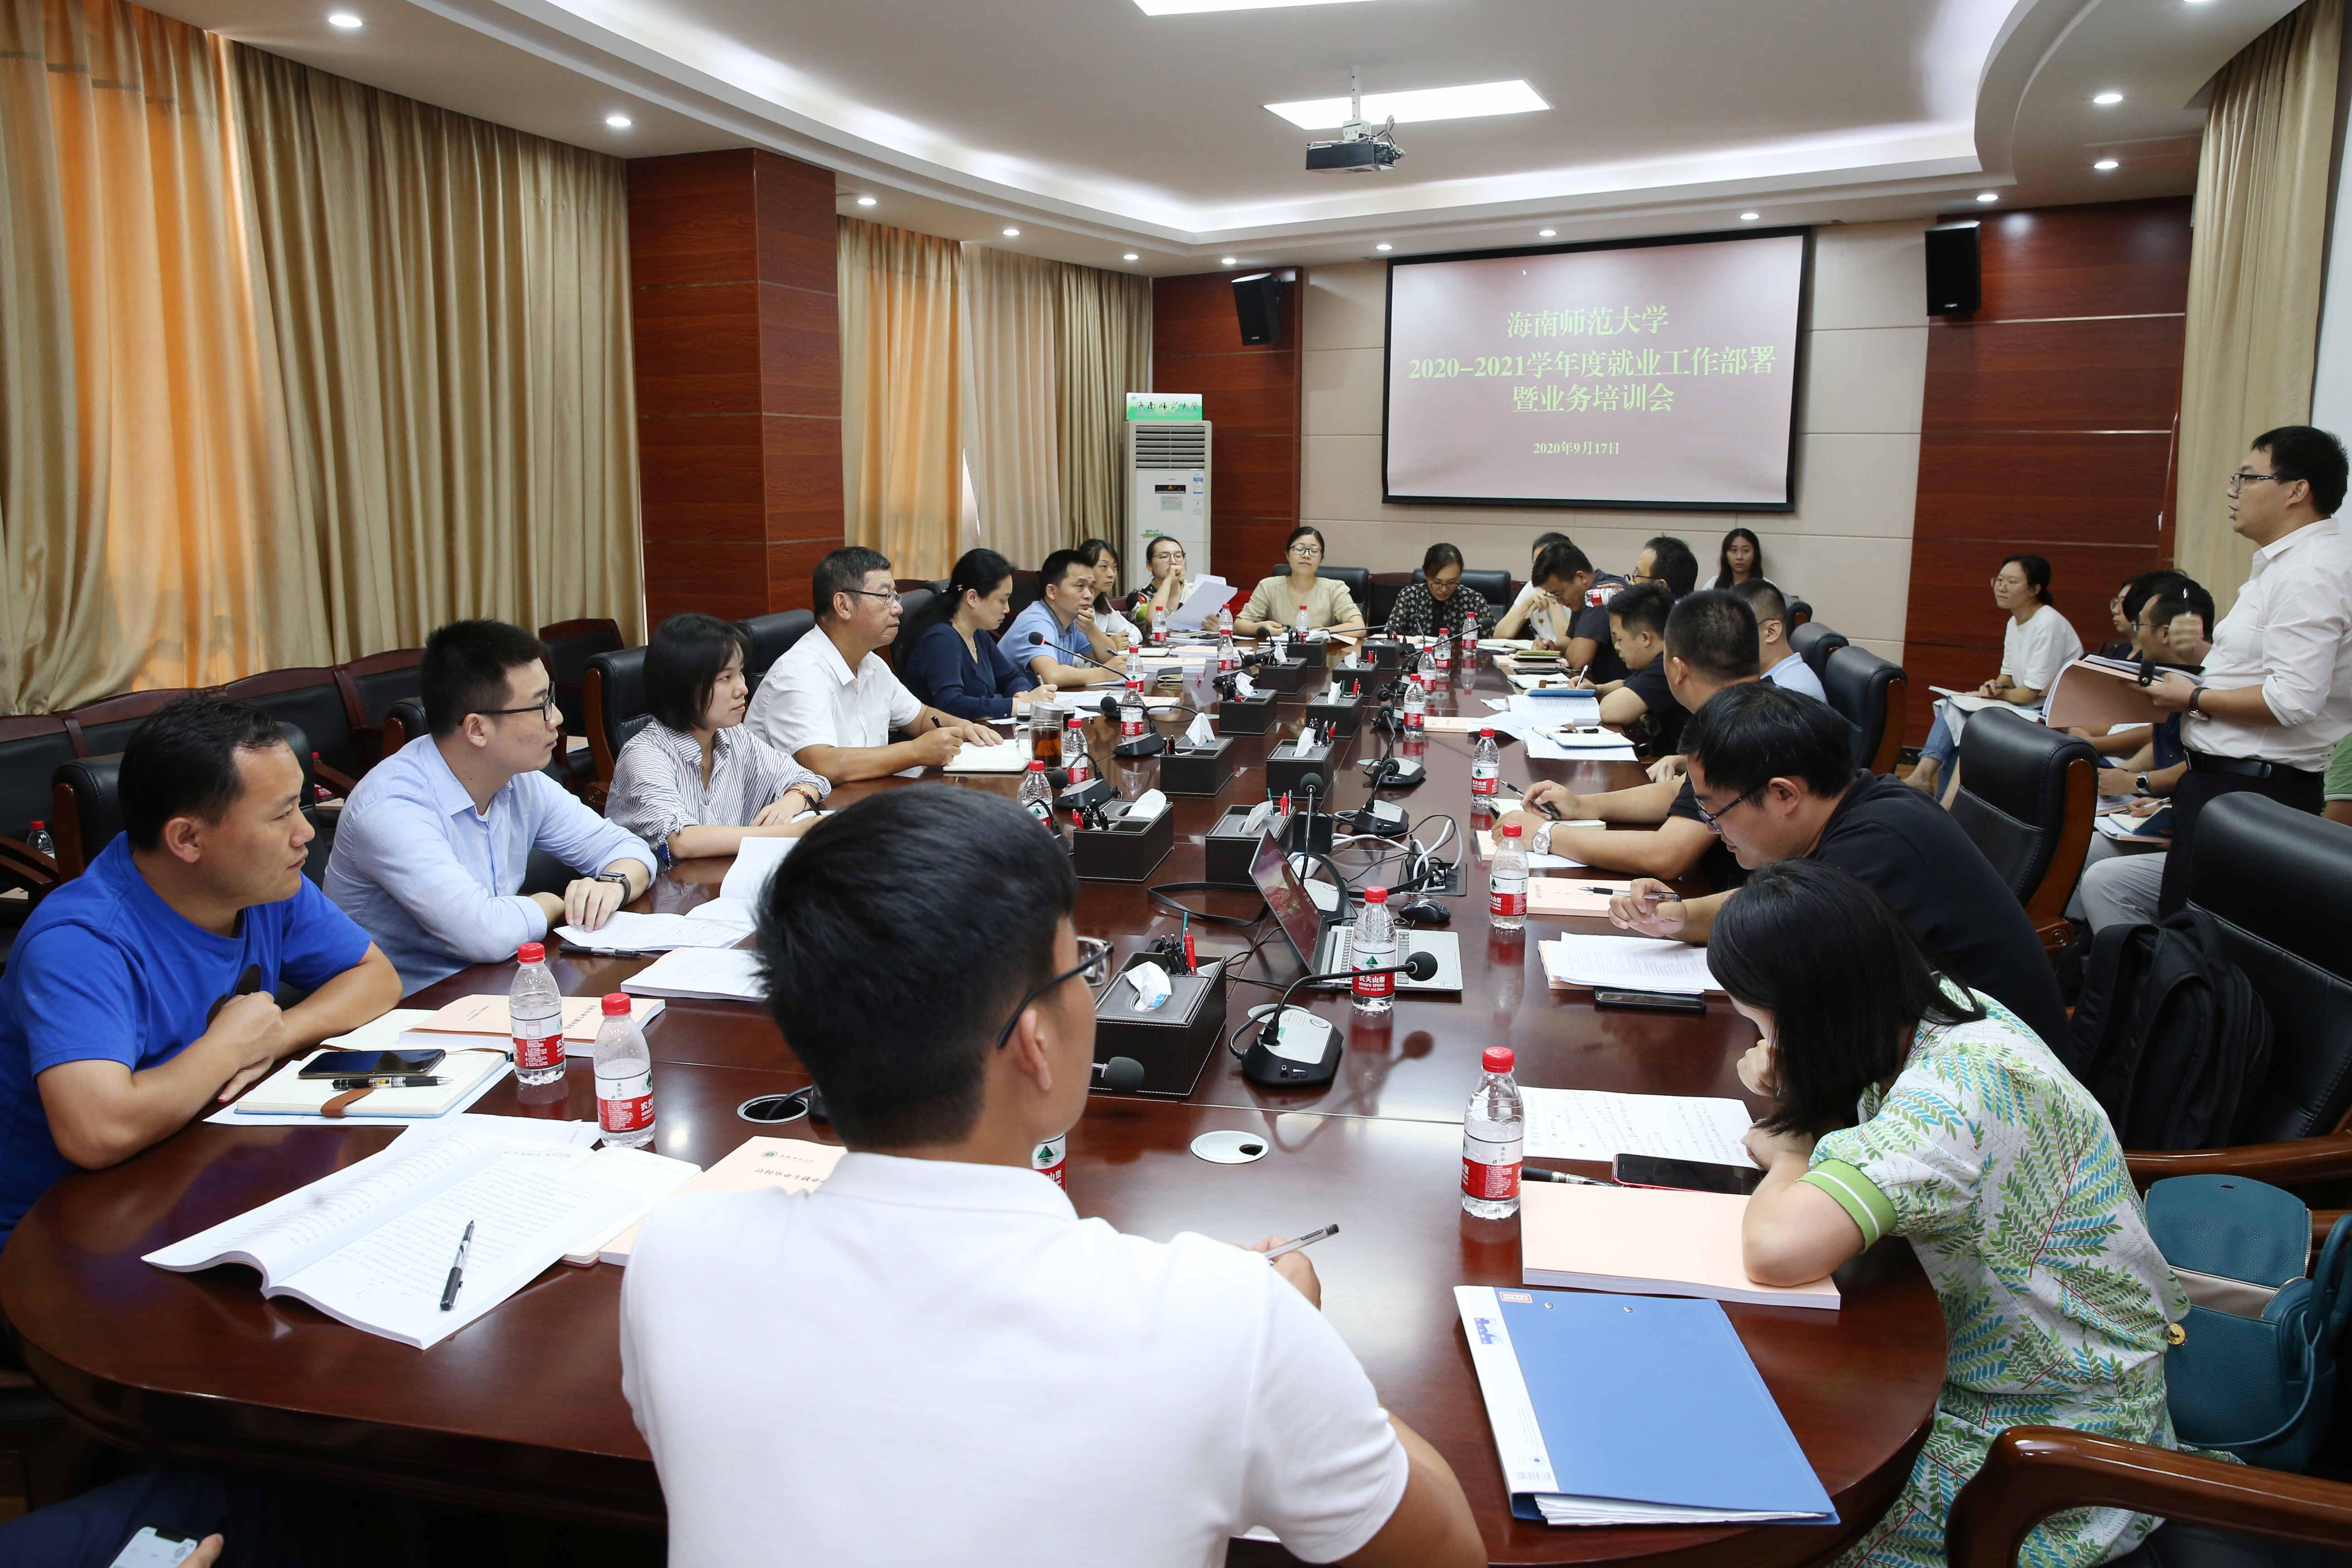 我校召开2020-2021学年度就业工作部署及业务培训会议